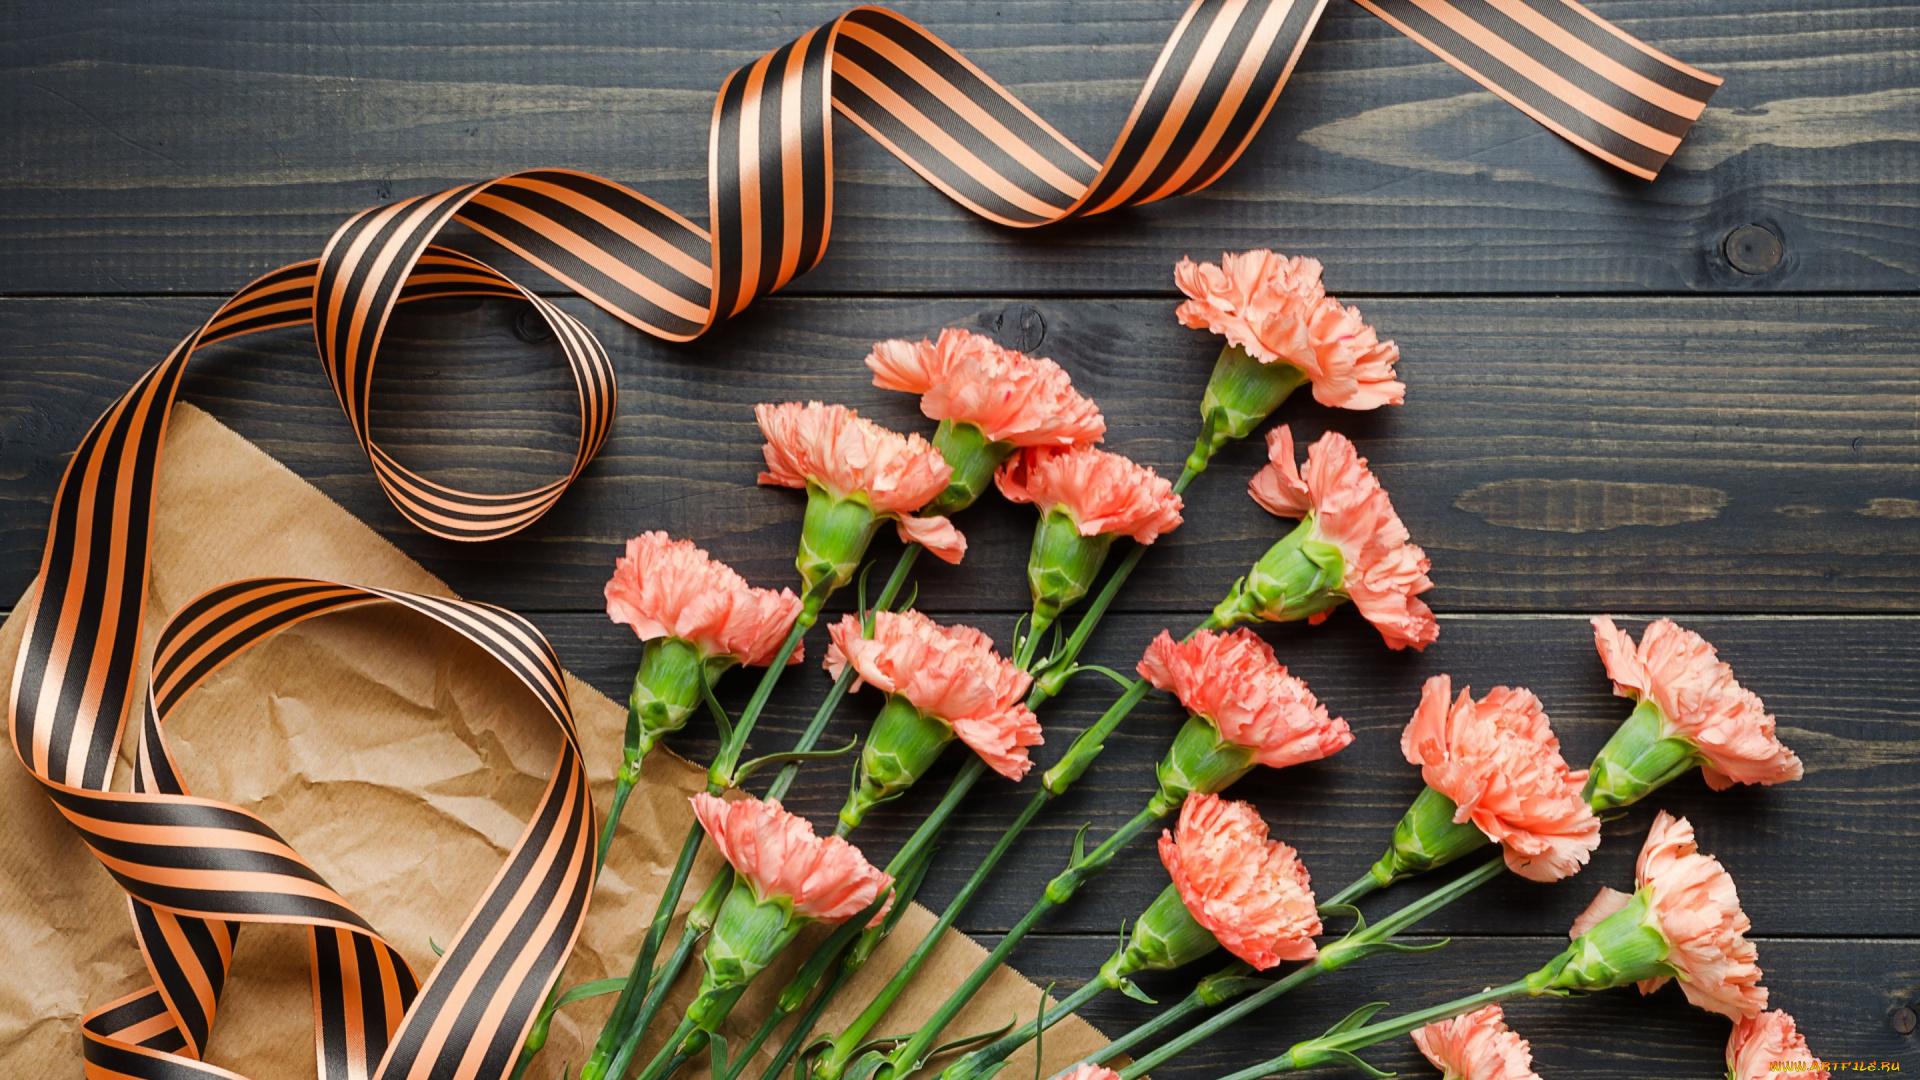 Открытка цветы с георгиевской лентой, добрый вечер картинки